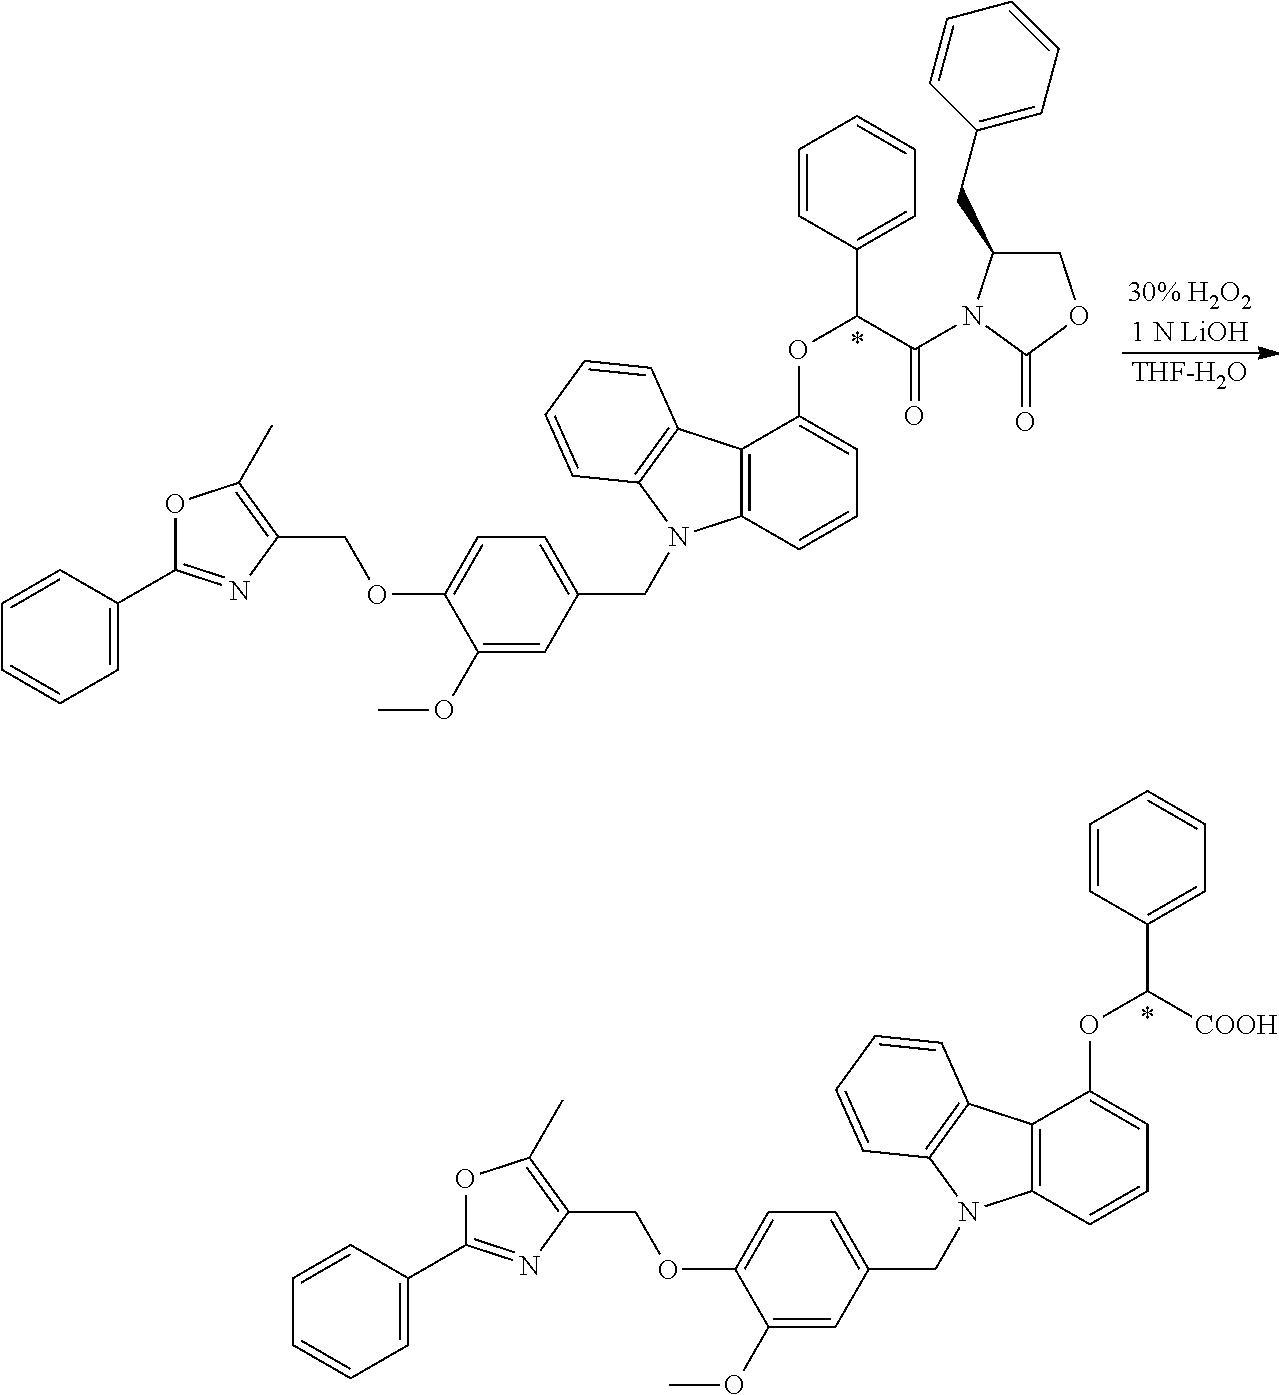 Figure US08329913-20121211-C00111